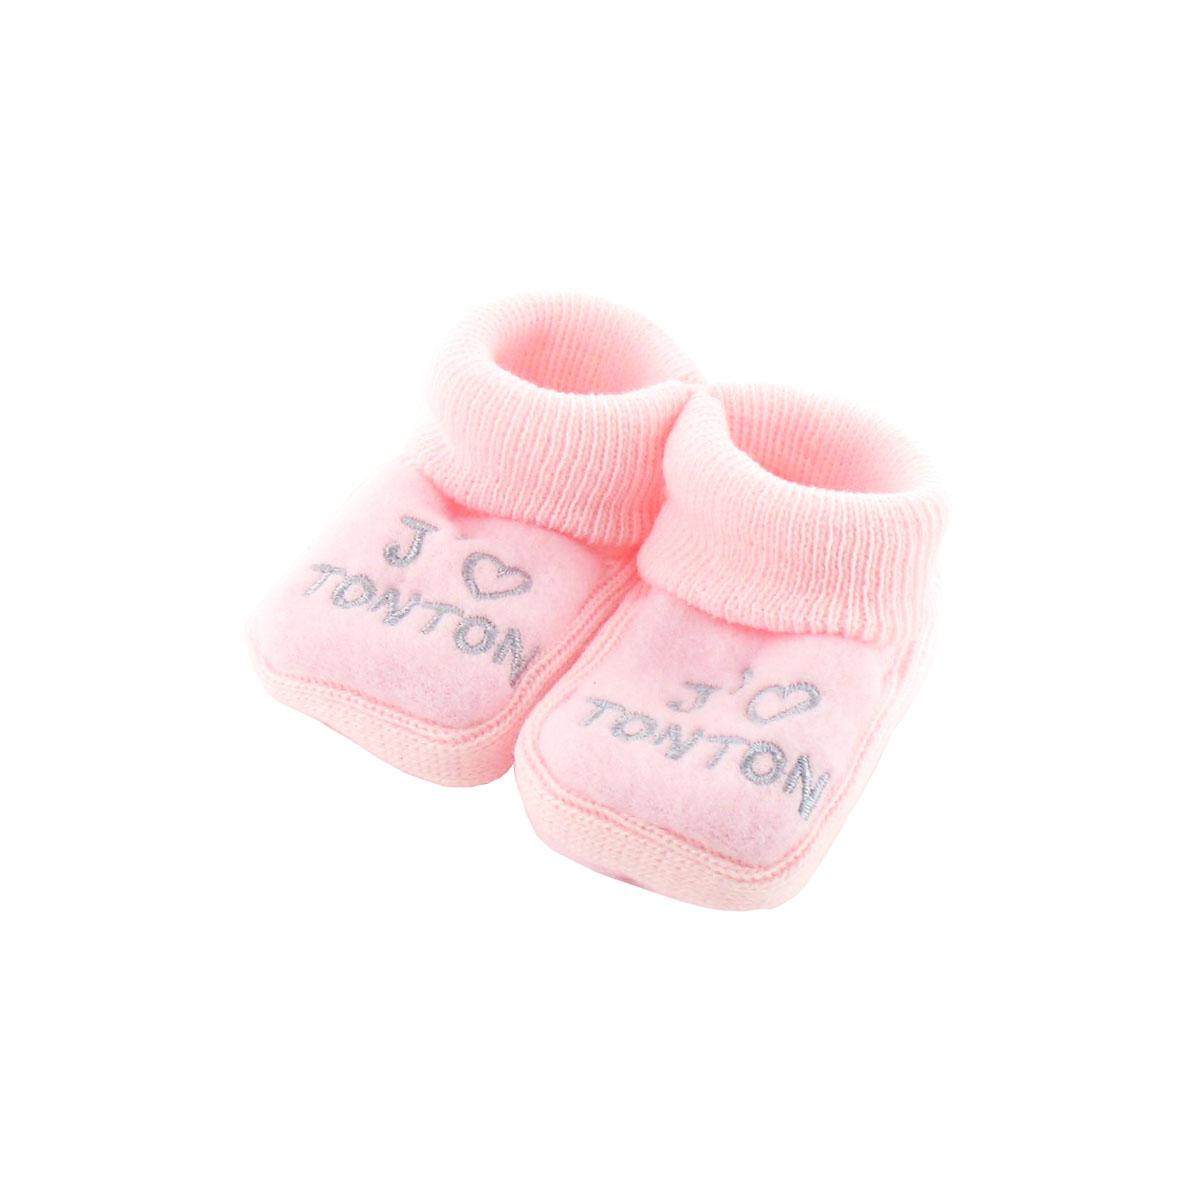 Chaussons pour bébé 0 à 3 Mois rose - J\'aime tonton